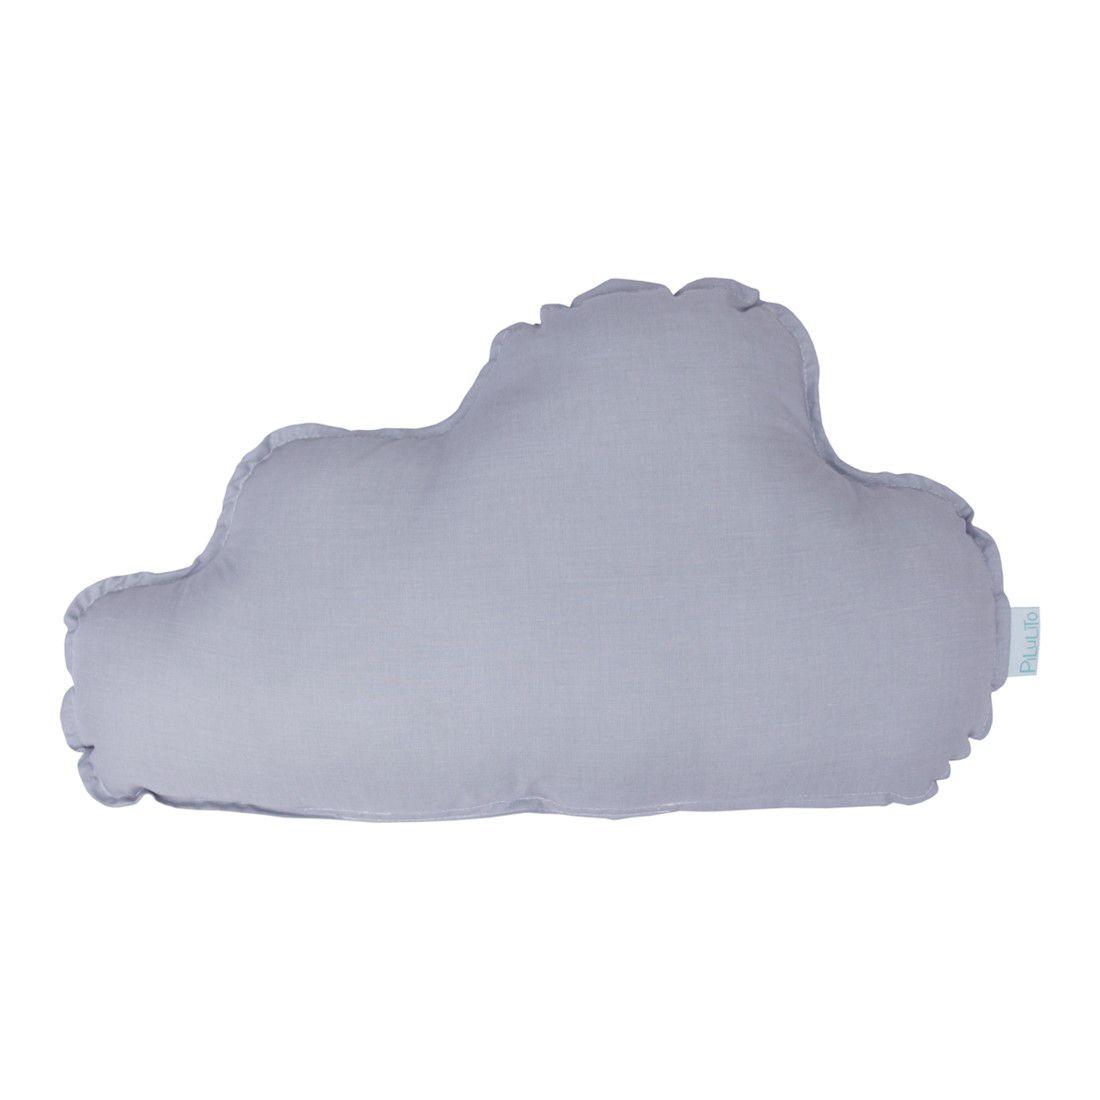 Almofada nuvem grande cinza névoa